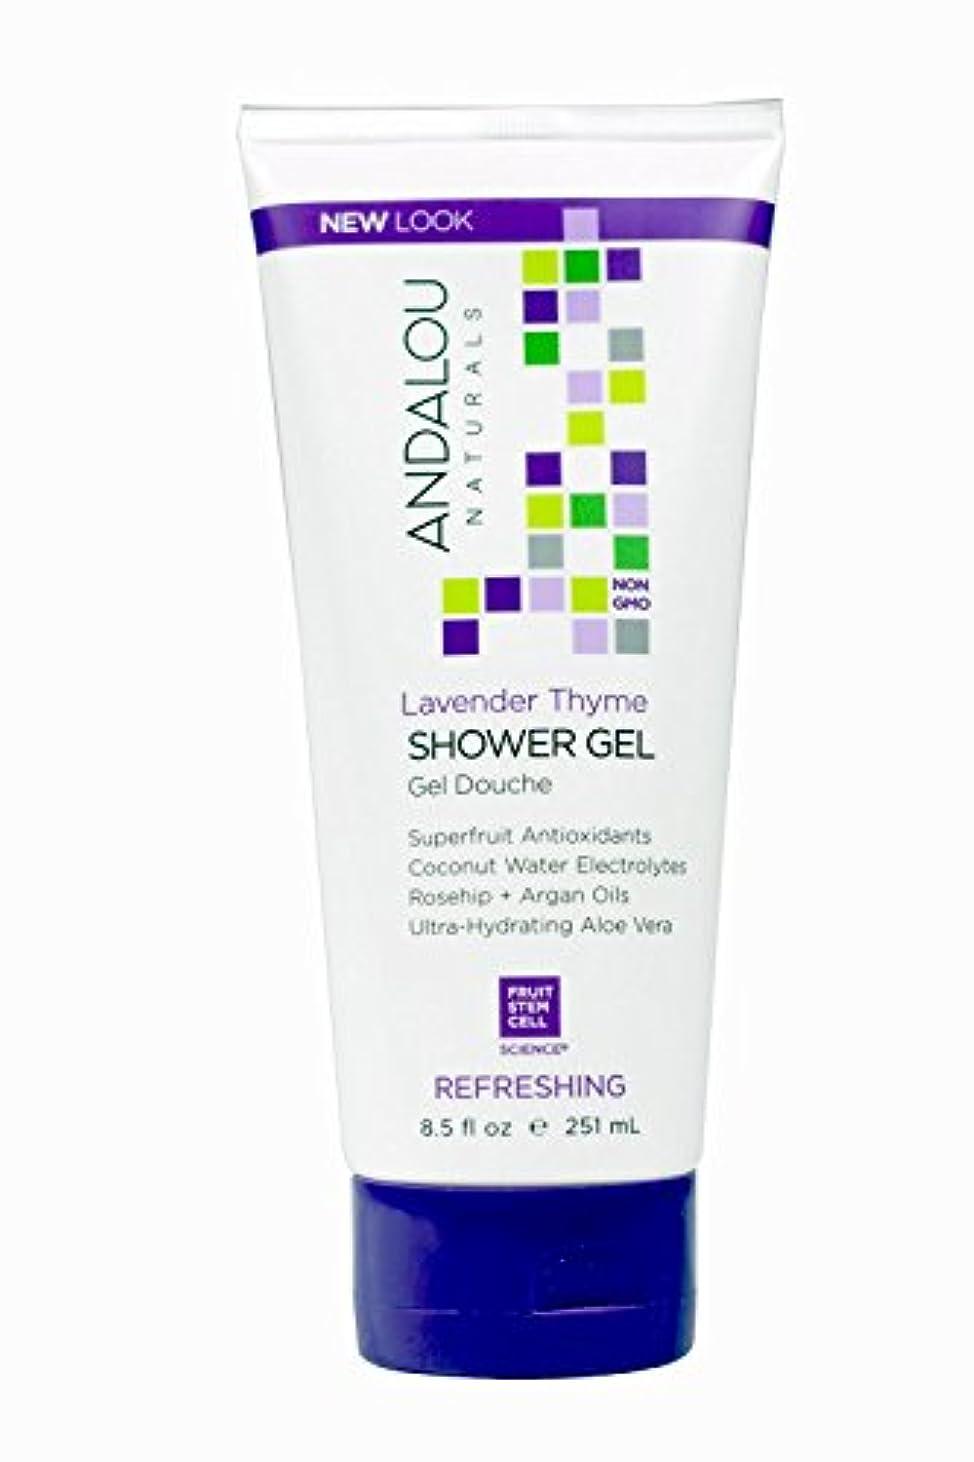 けん引自動車放棄するAndalou Naturals Shower Gel - Lavender Thyme Refreshing - 8.5 fl oz by Andalou Naturals